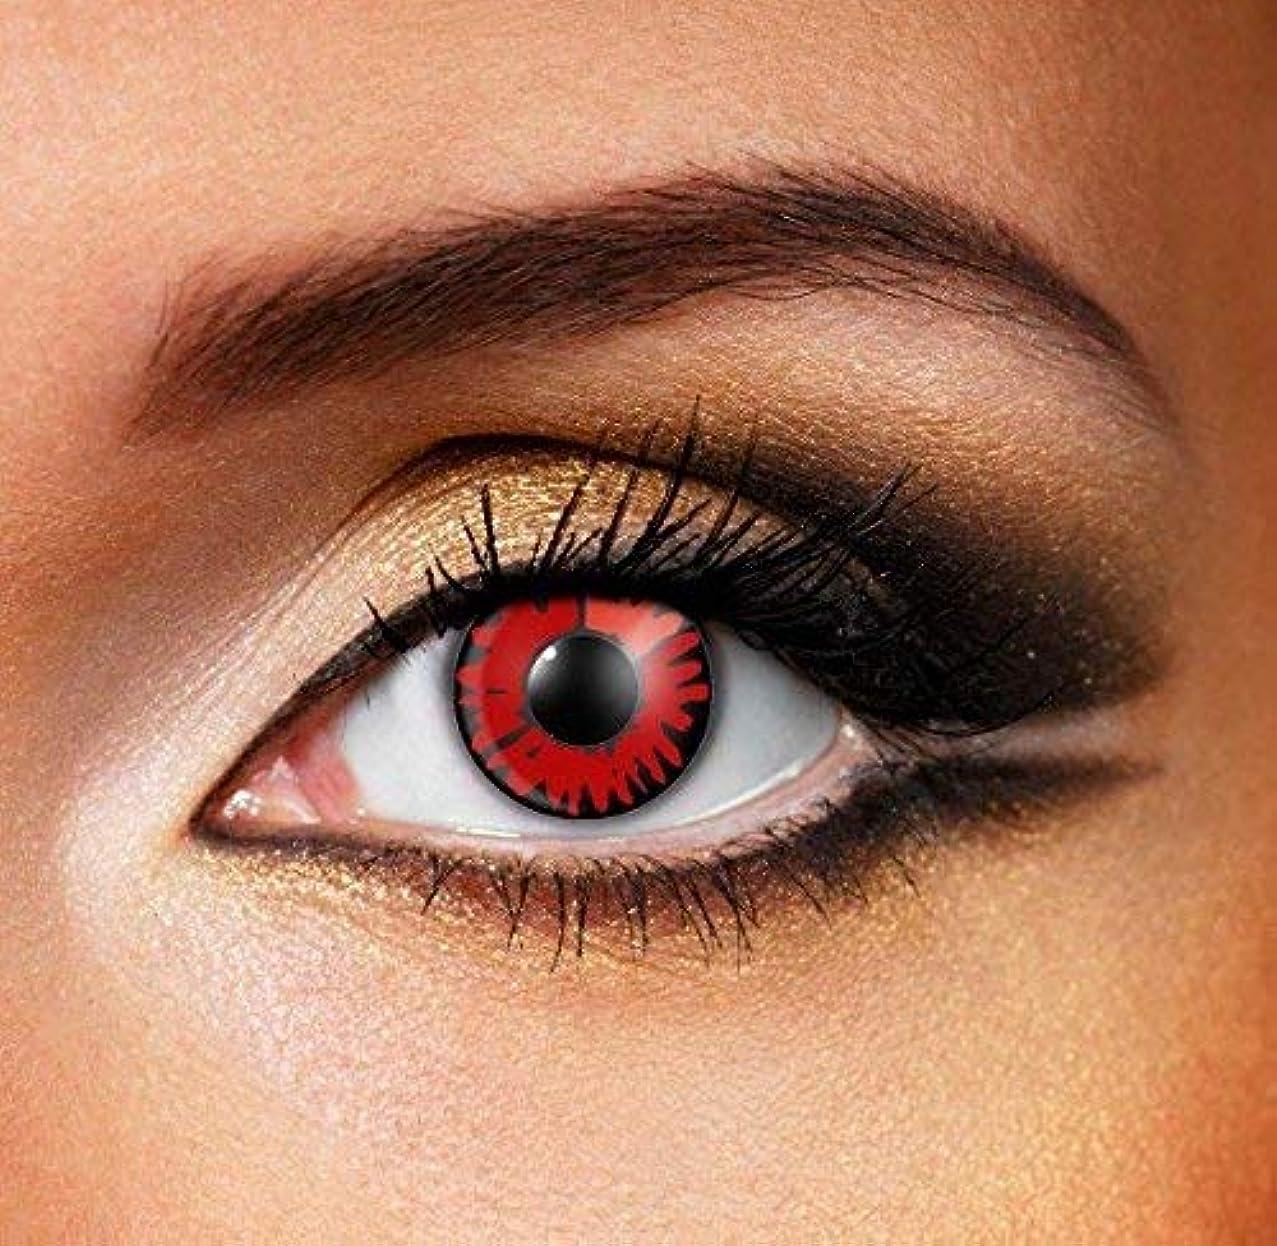 印象的エジプト傑作Cosplay Color Contact Lenses 化粧用コンタクトレンズ、ハロウィーンコスプレ カラーコンタクトレンズ、なファッションコンタクトレンズ (レッド)